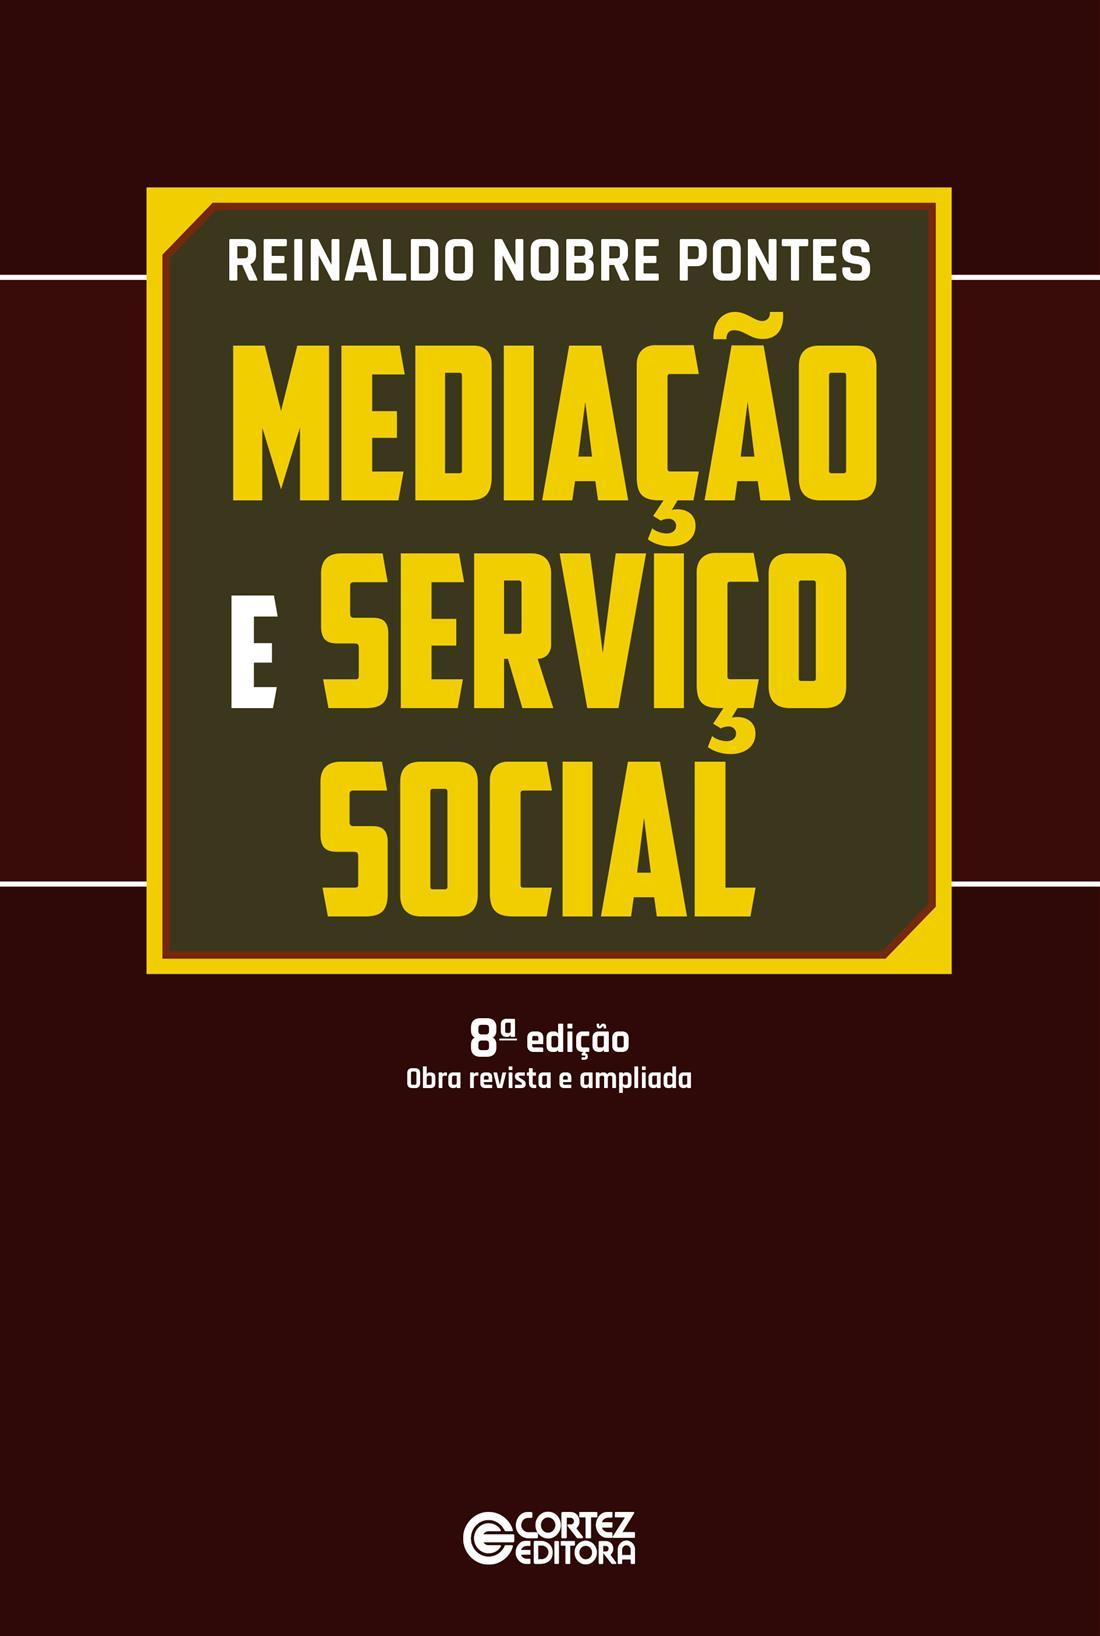 Mediação e Serviço Social - Um estudo preliminar sobre a categoria teórica e sua apropriação pelo se, livro de Reinaldo Nobre Pontes